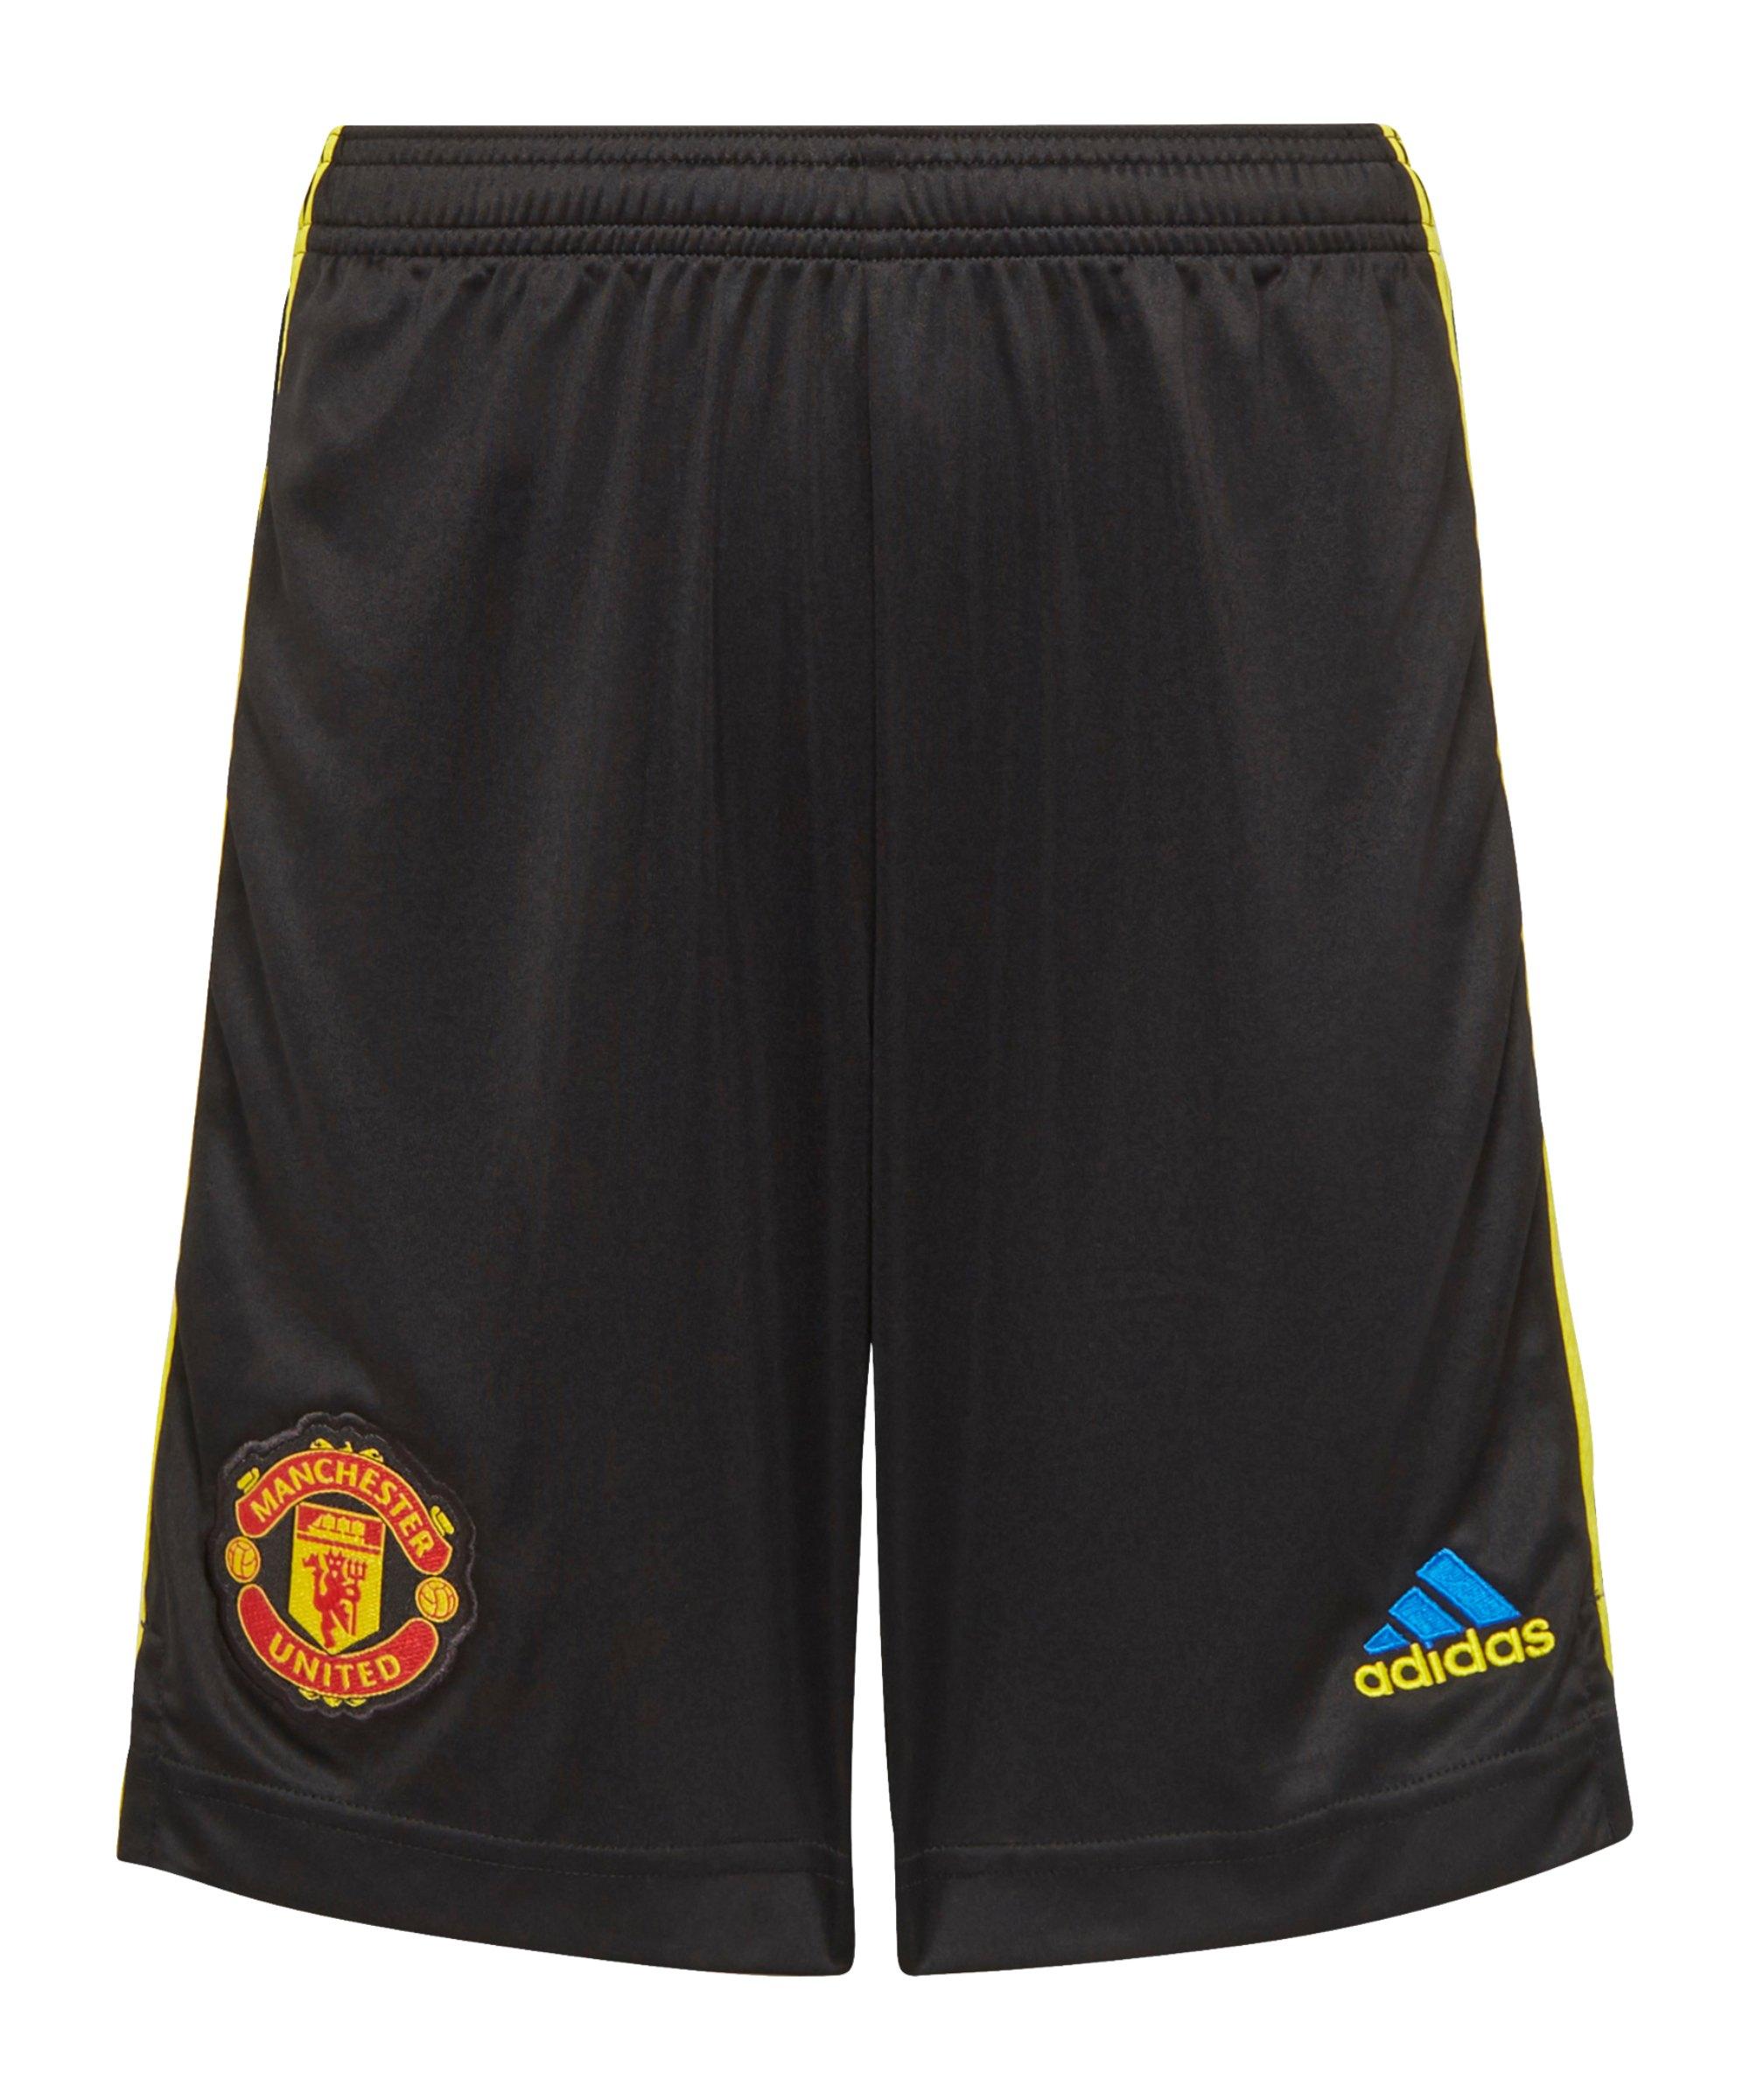 adidas Manchester United Short UCL 2021/2022 Kids Schwarz - schwarz